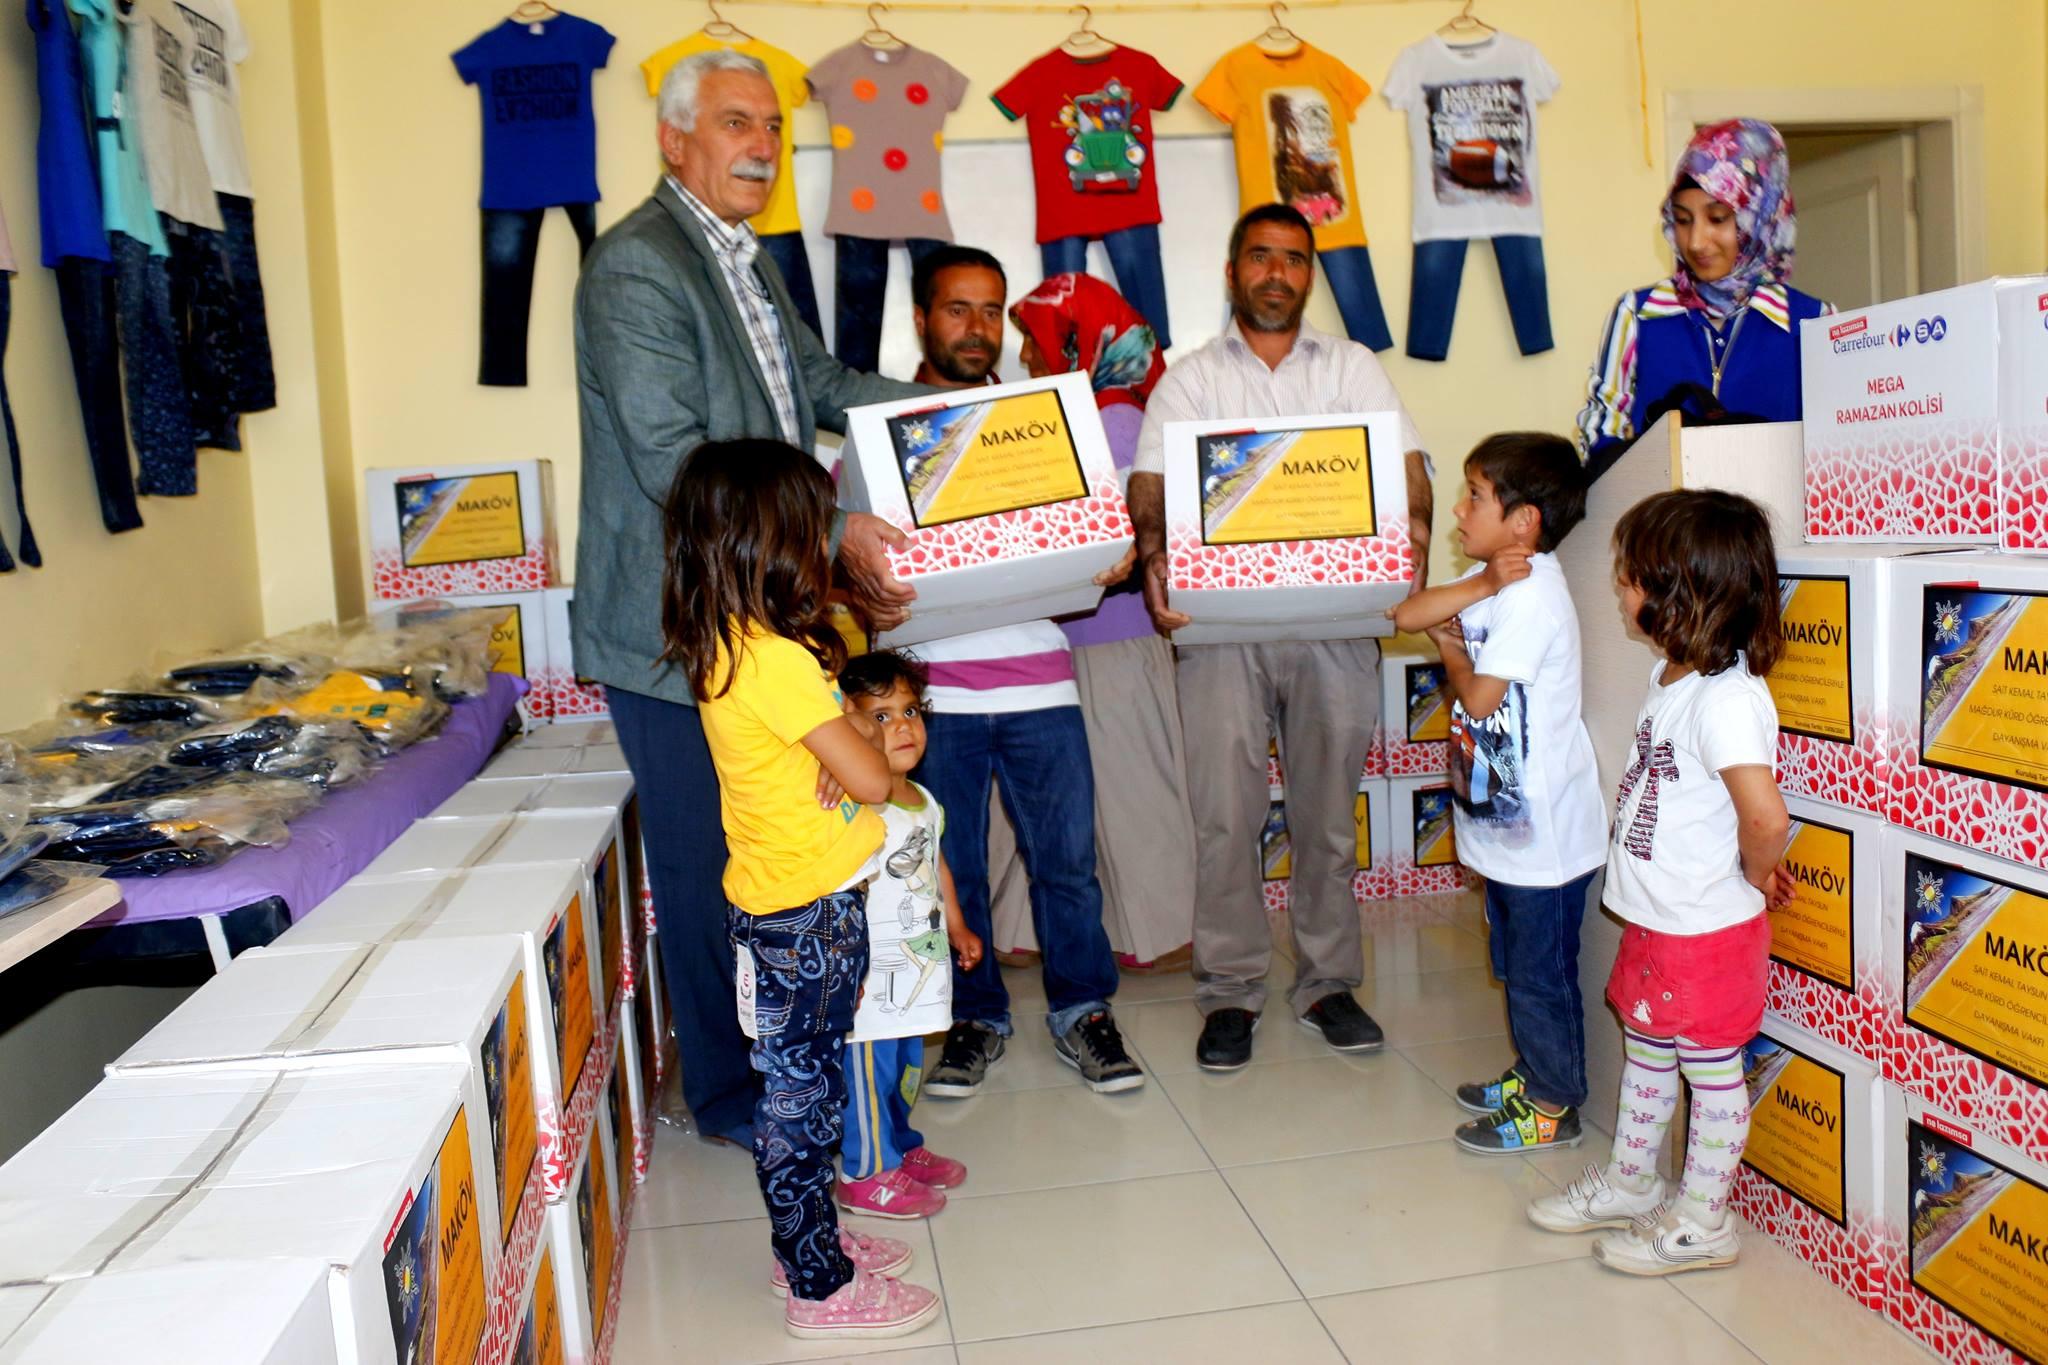 Maköv'den yoksul Kürt çocuklarına yardım